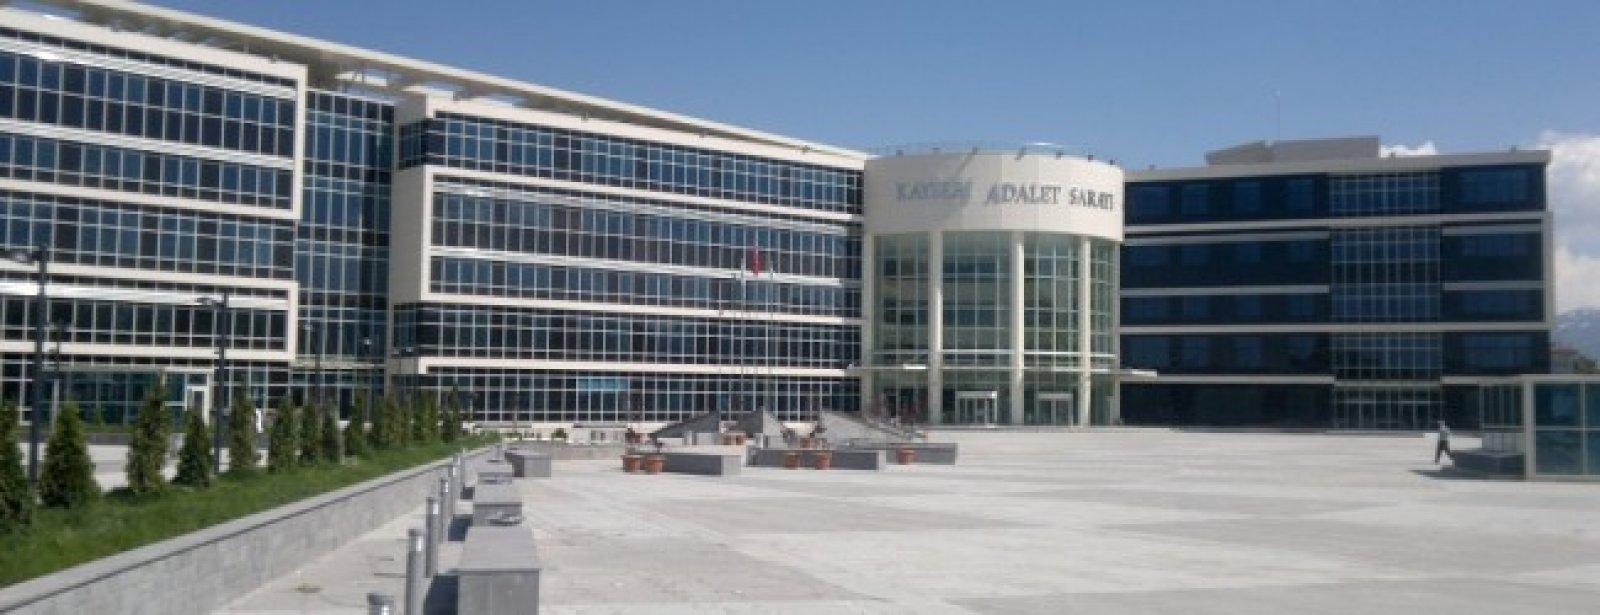 Projelerimiz: Kayseri Adalet Sarayı